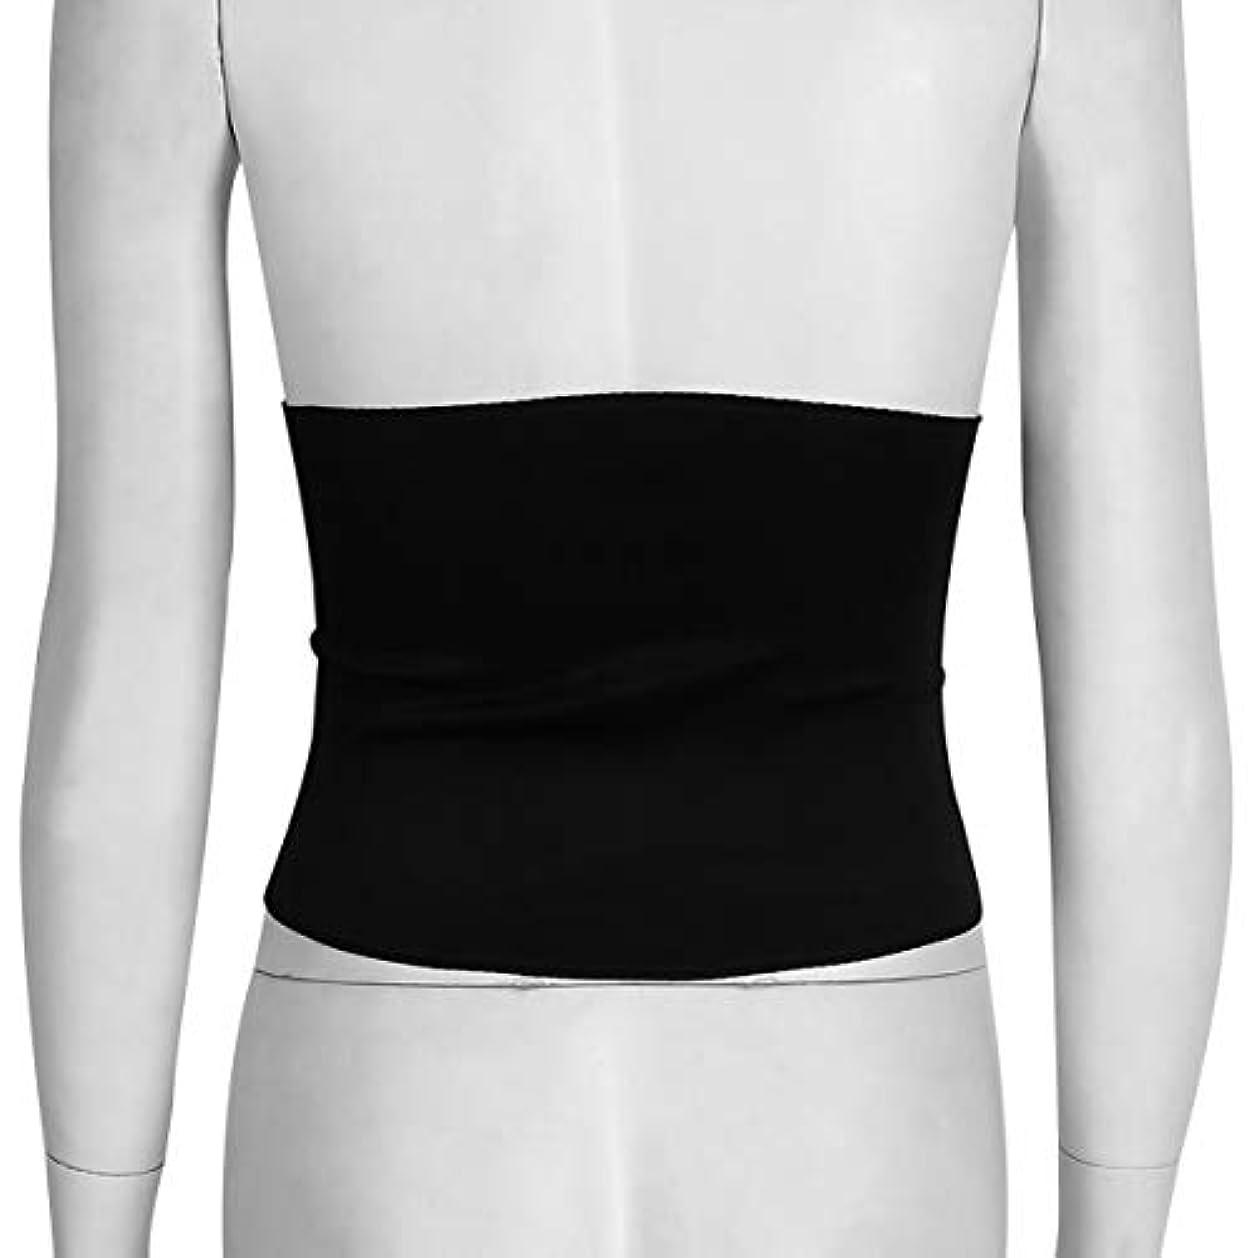 祖先怒って万一に備えてWomen Adult Solid Neoprene Healthy Slimming Weight Loss Waist Belts Body Shaper Slimming Trainer Trimmer Corsets